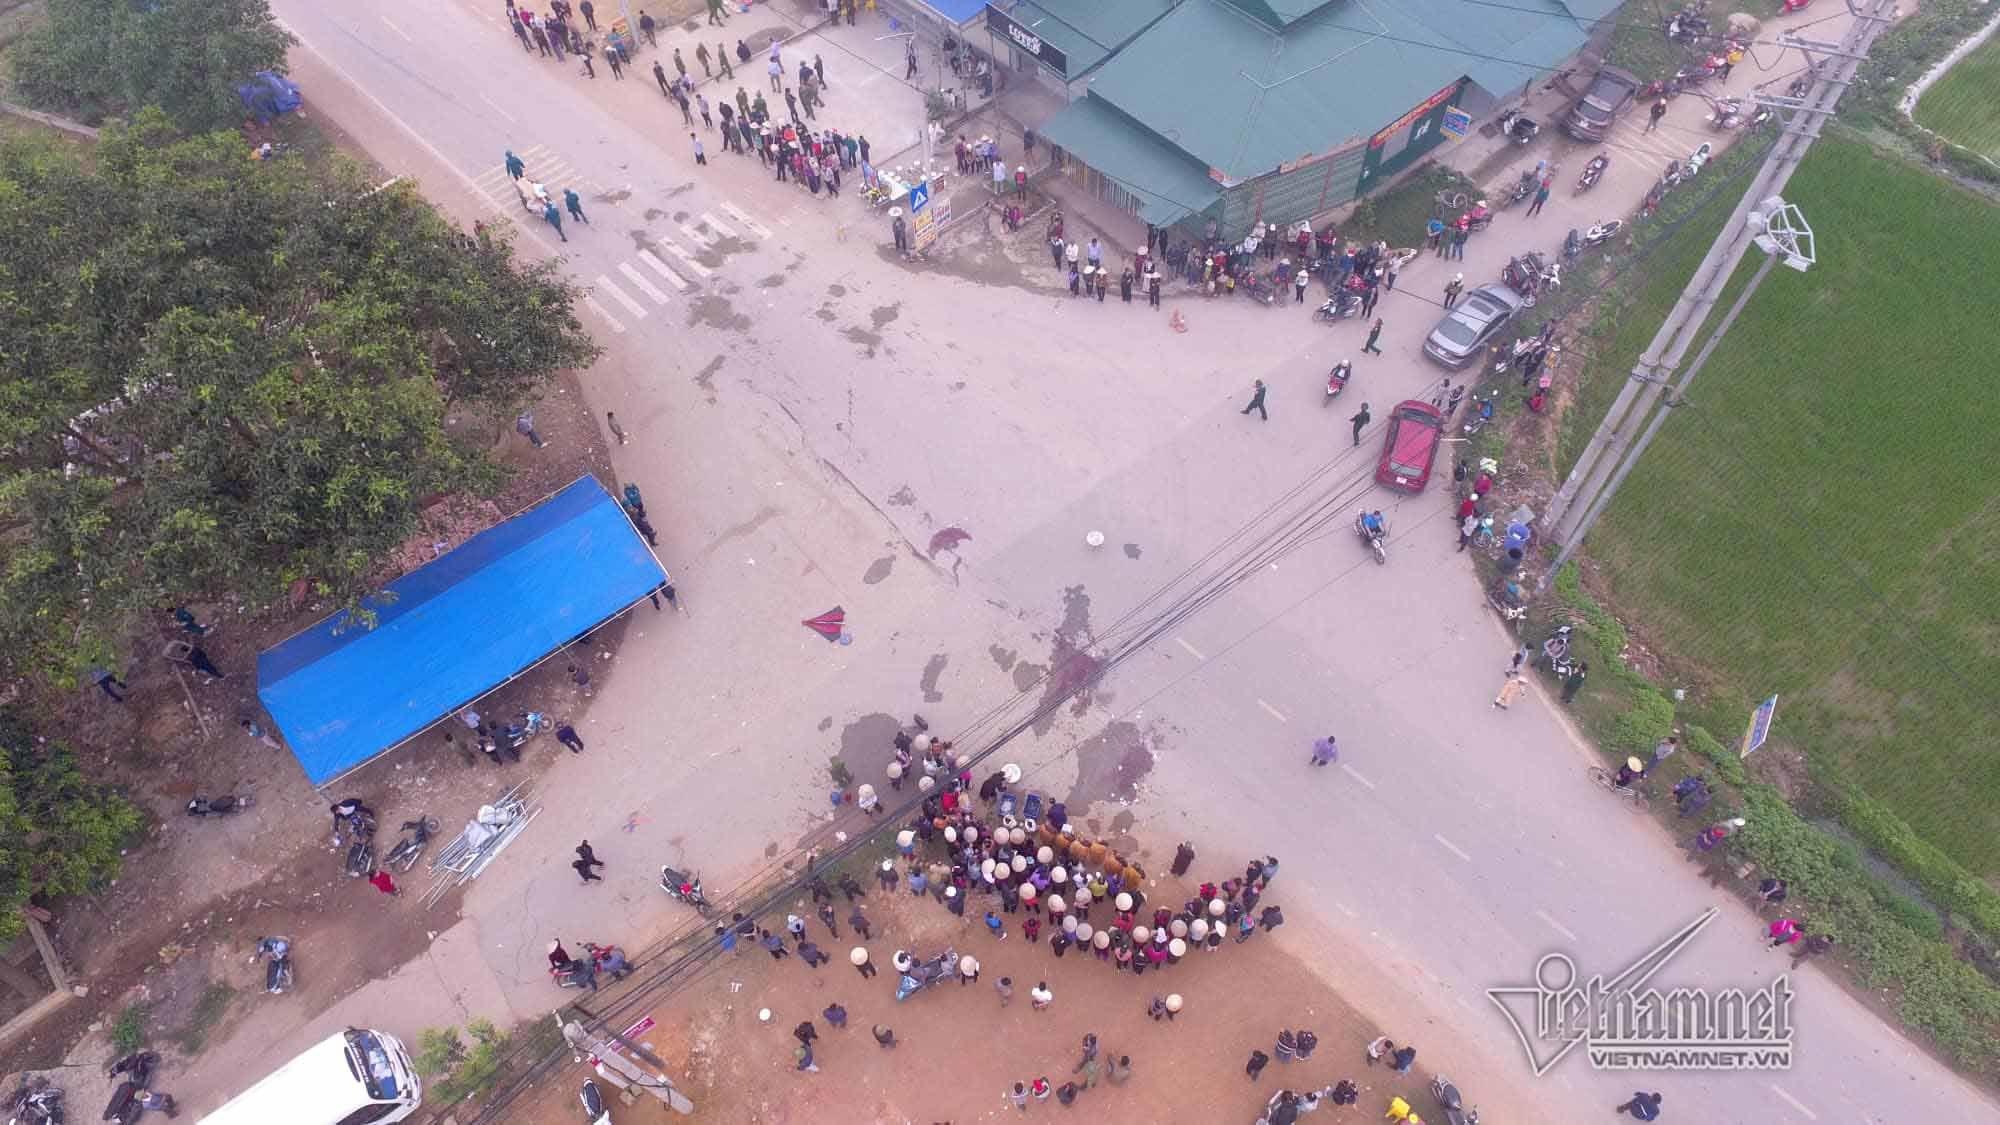 Tiếng hét lớn của đoàn đưa tang trước phút xe khách đâm chết 7 người